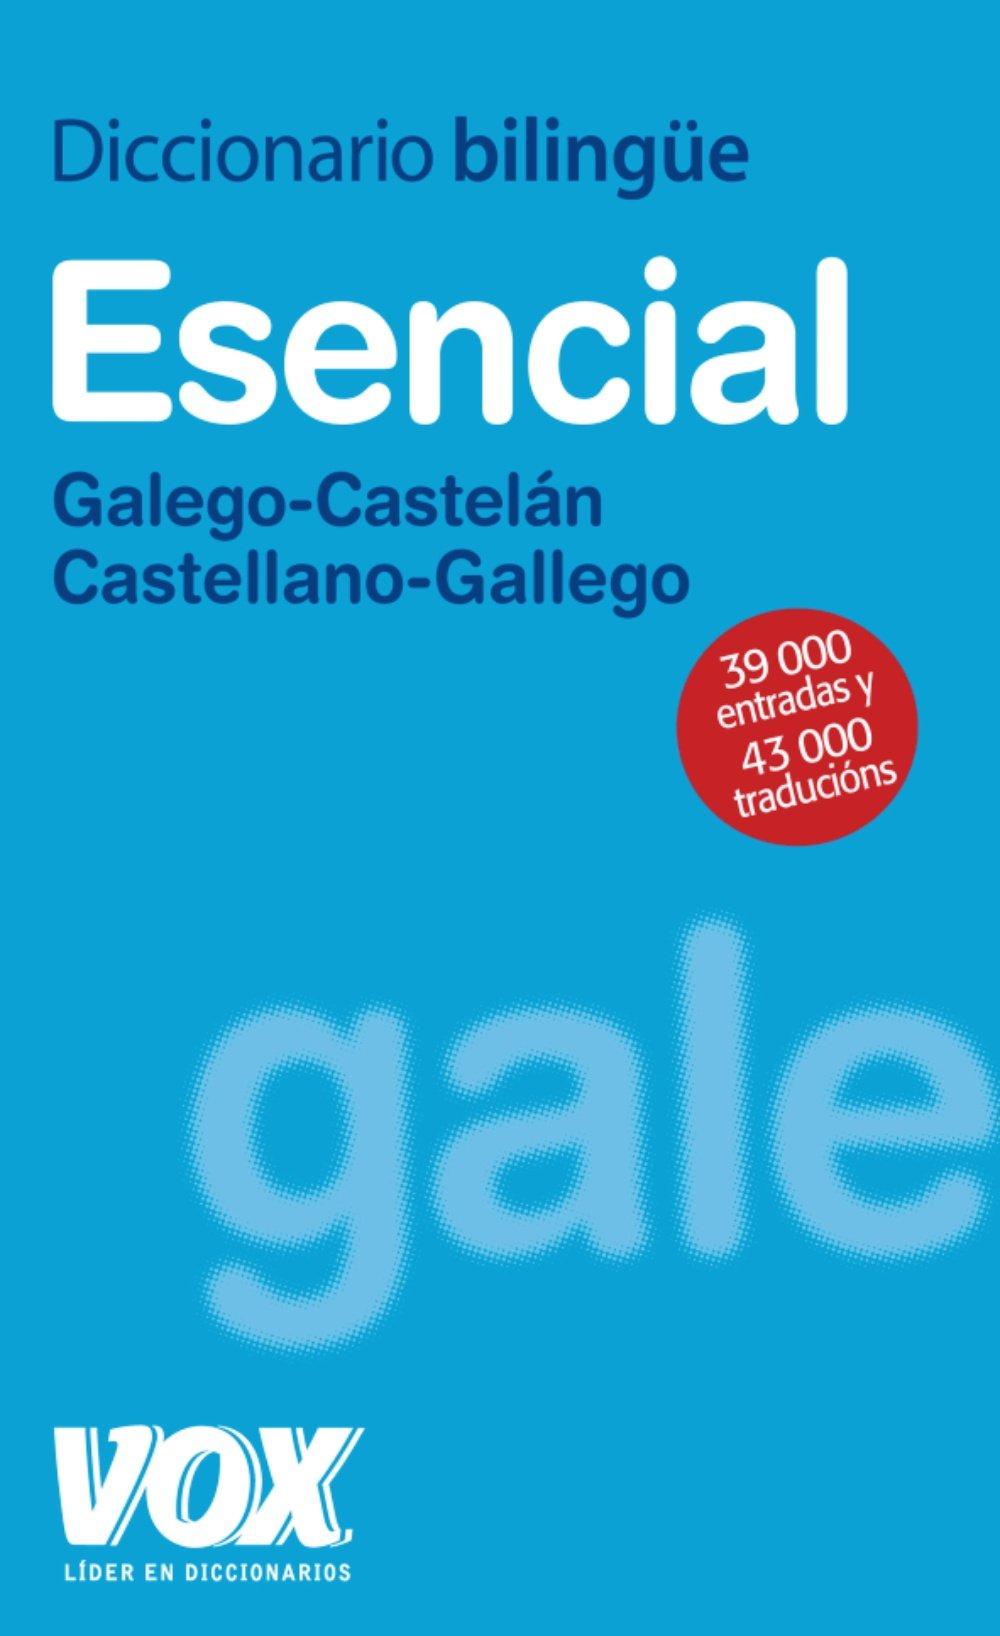 Diccionario Esencial Galego-Castelán / Castellano-Gallego (Vox - Lengua Gallega - Diccionarios Generales) Tapa blanda – 27 abr 2009 Aa.Vv. 8471538210 Dictionaries - General Spanish: Adult Nonfiction